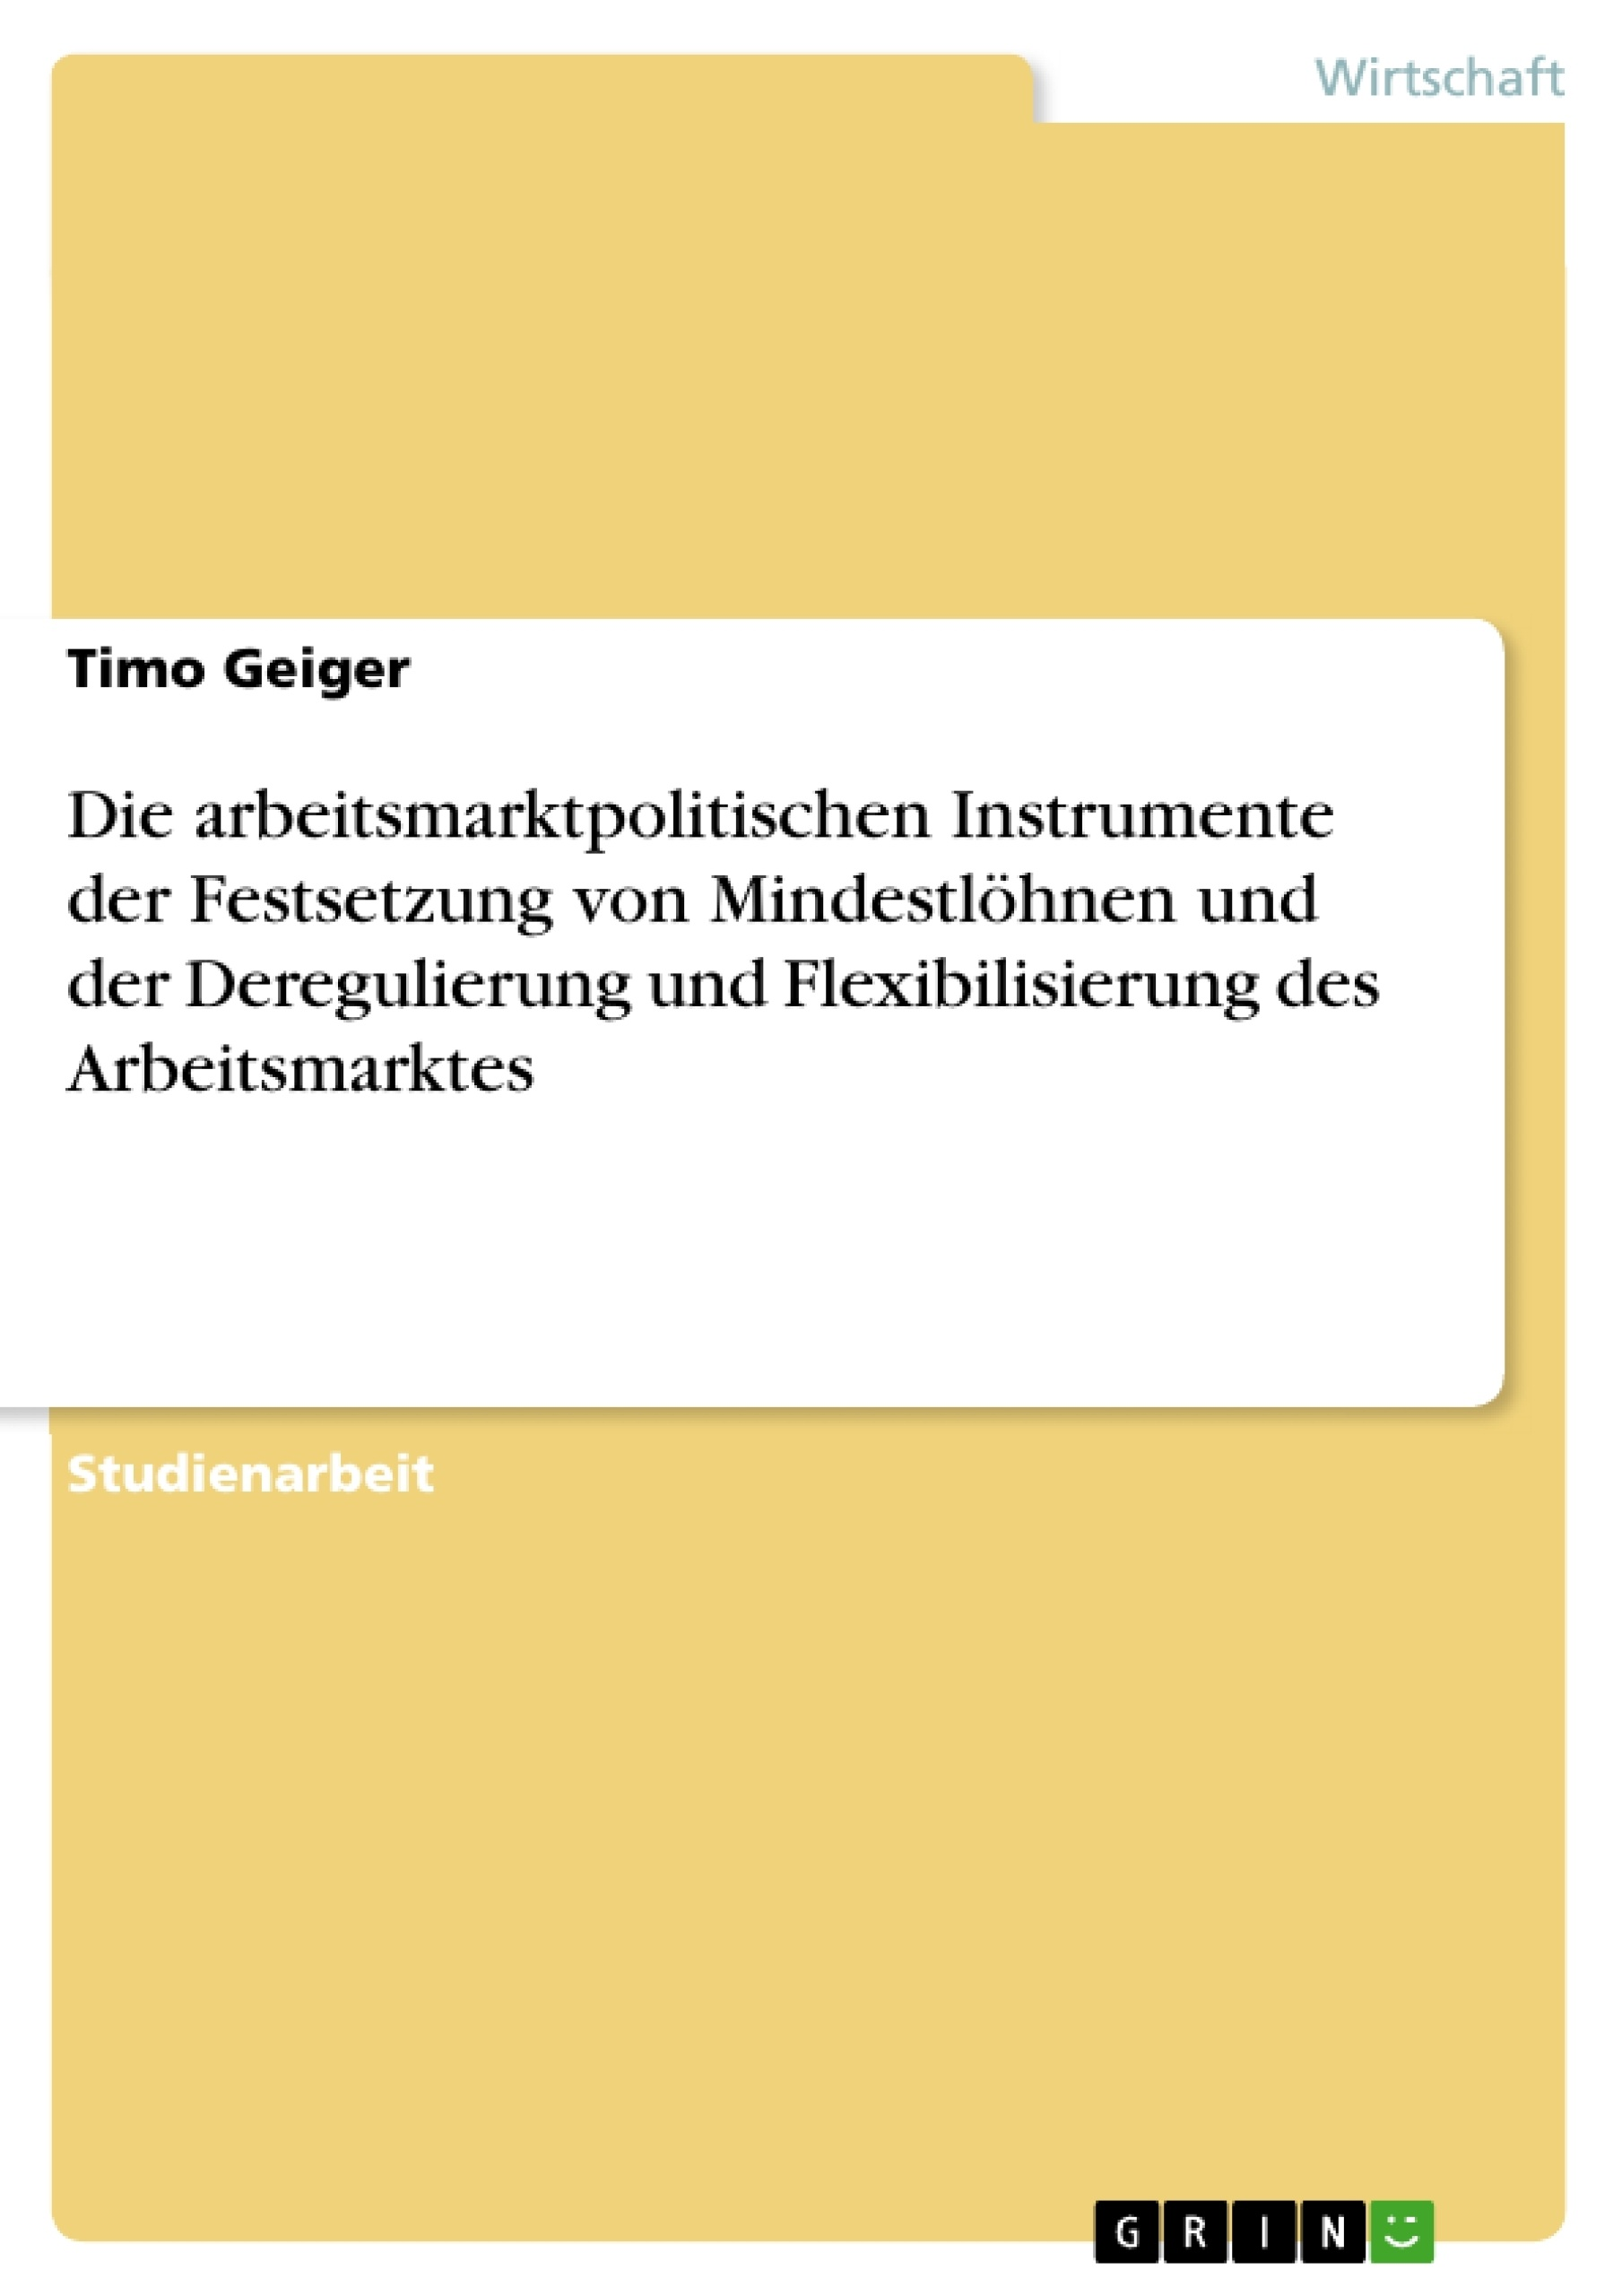 Titel: Die arbeitsmarktpolitischen Instrumente der Festsetzung von Mindestlöhnen und der Deregulierung und  Flexibilisierung des Arbeitsmarktes